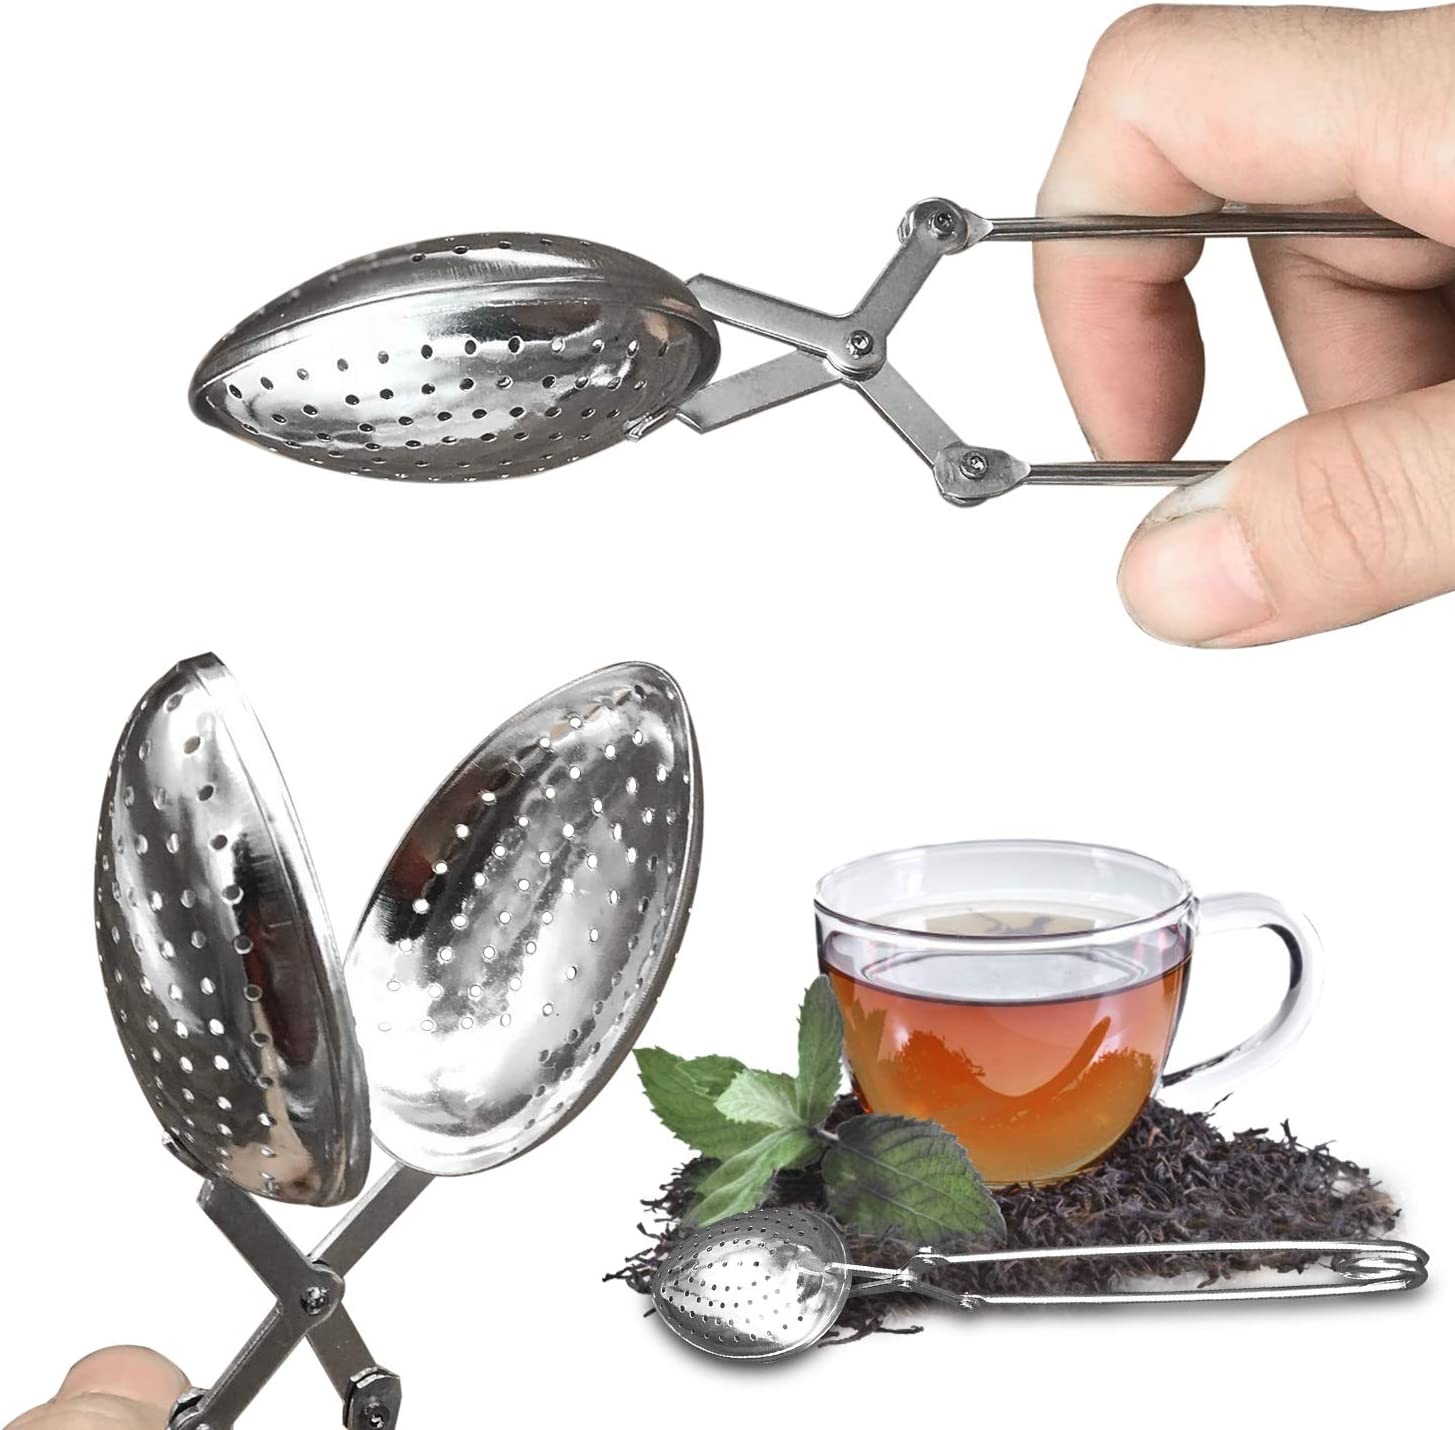 Zaloife Infusore t/è Scolapasta Adatti per Ogni t/è Sfuso 2pcs Tea Strainer Spoon Pinze Filtro Te Foglie di t/è Tea Infusore Acciaio Inox Infusore t/è Filtro Colino Tisane